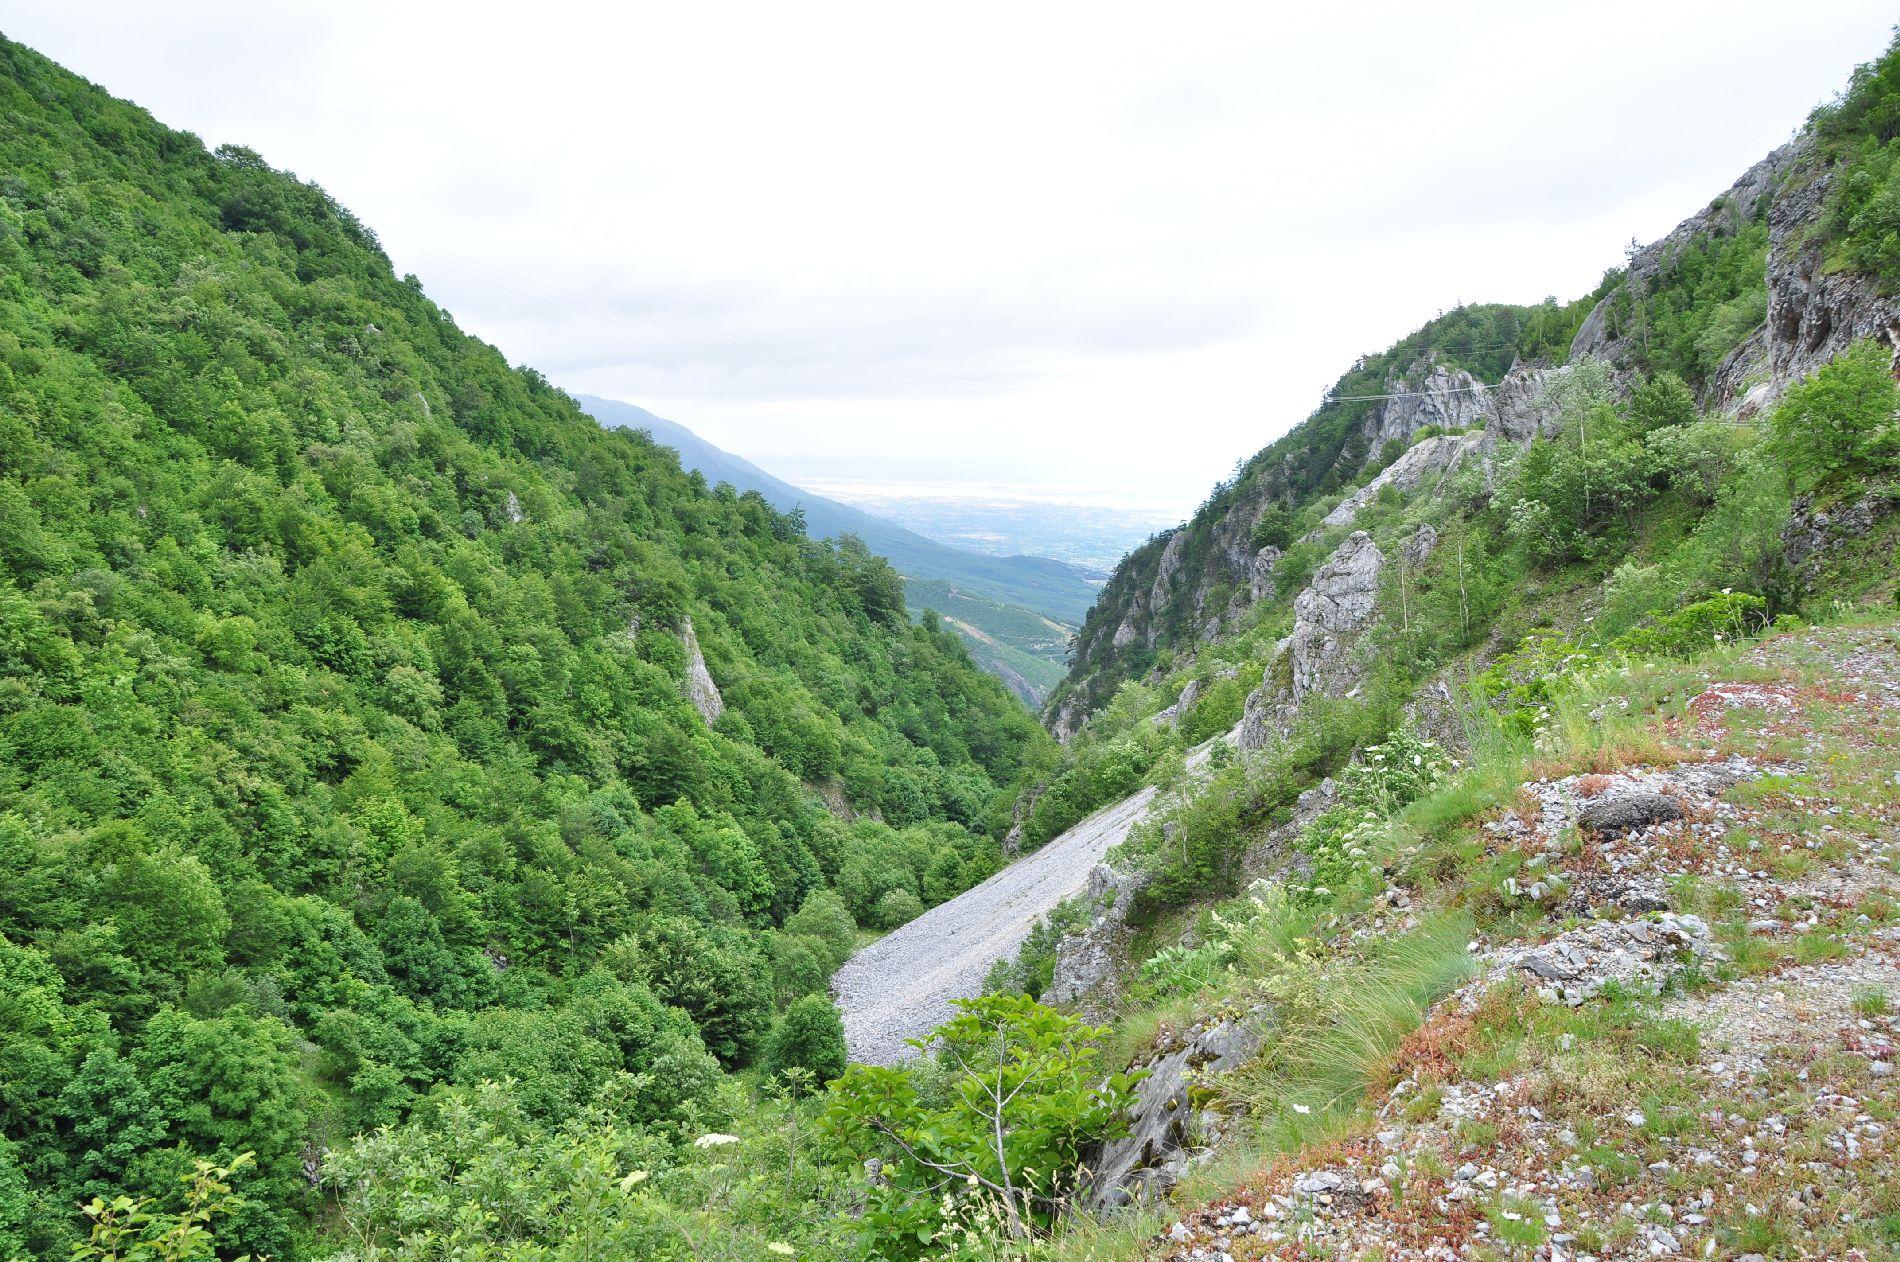 Berge, Felsen, Bäume